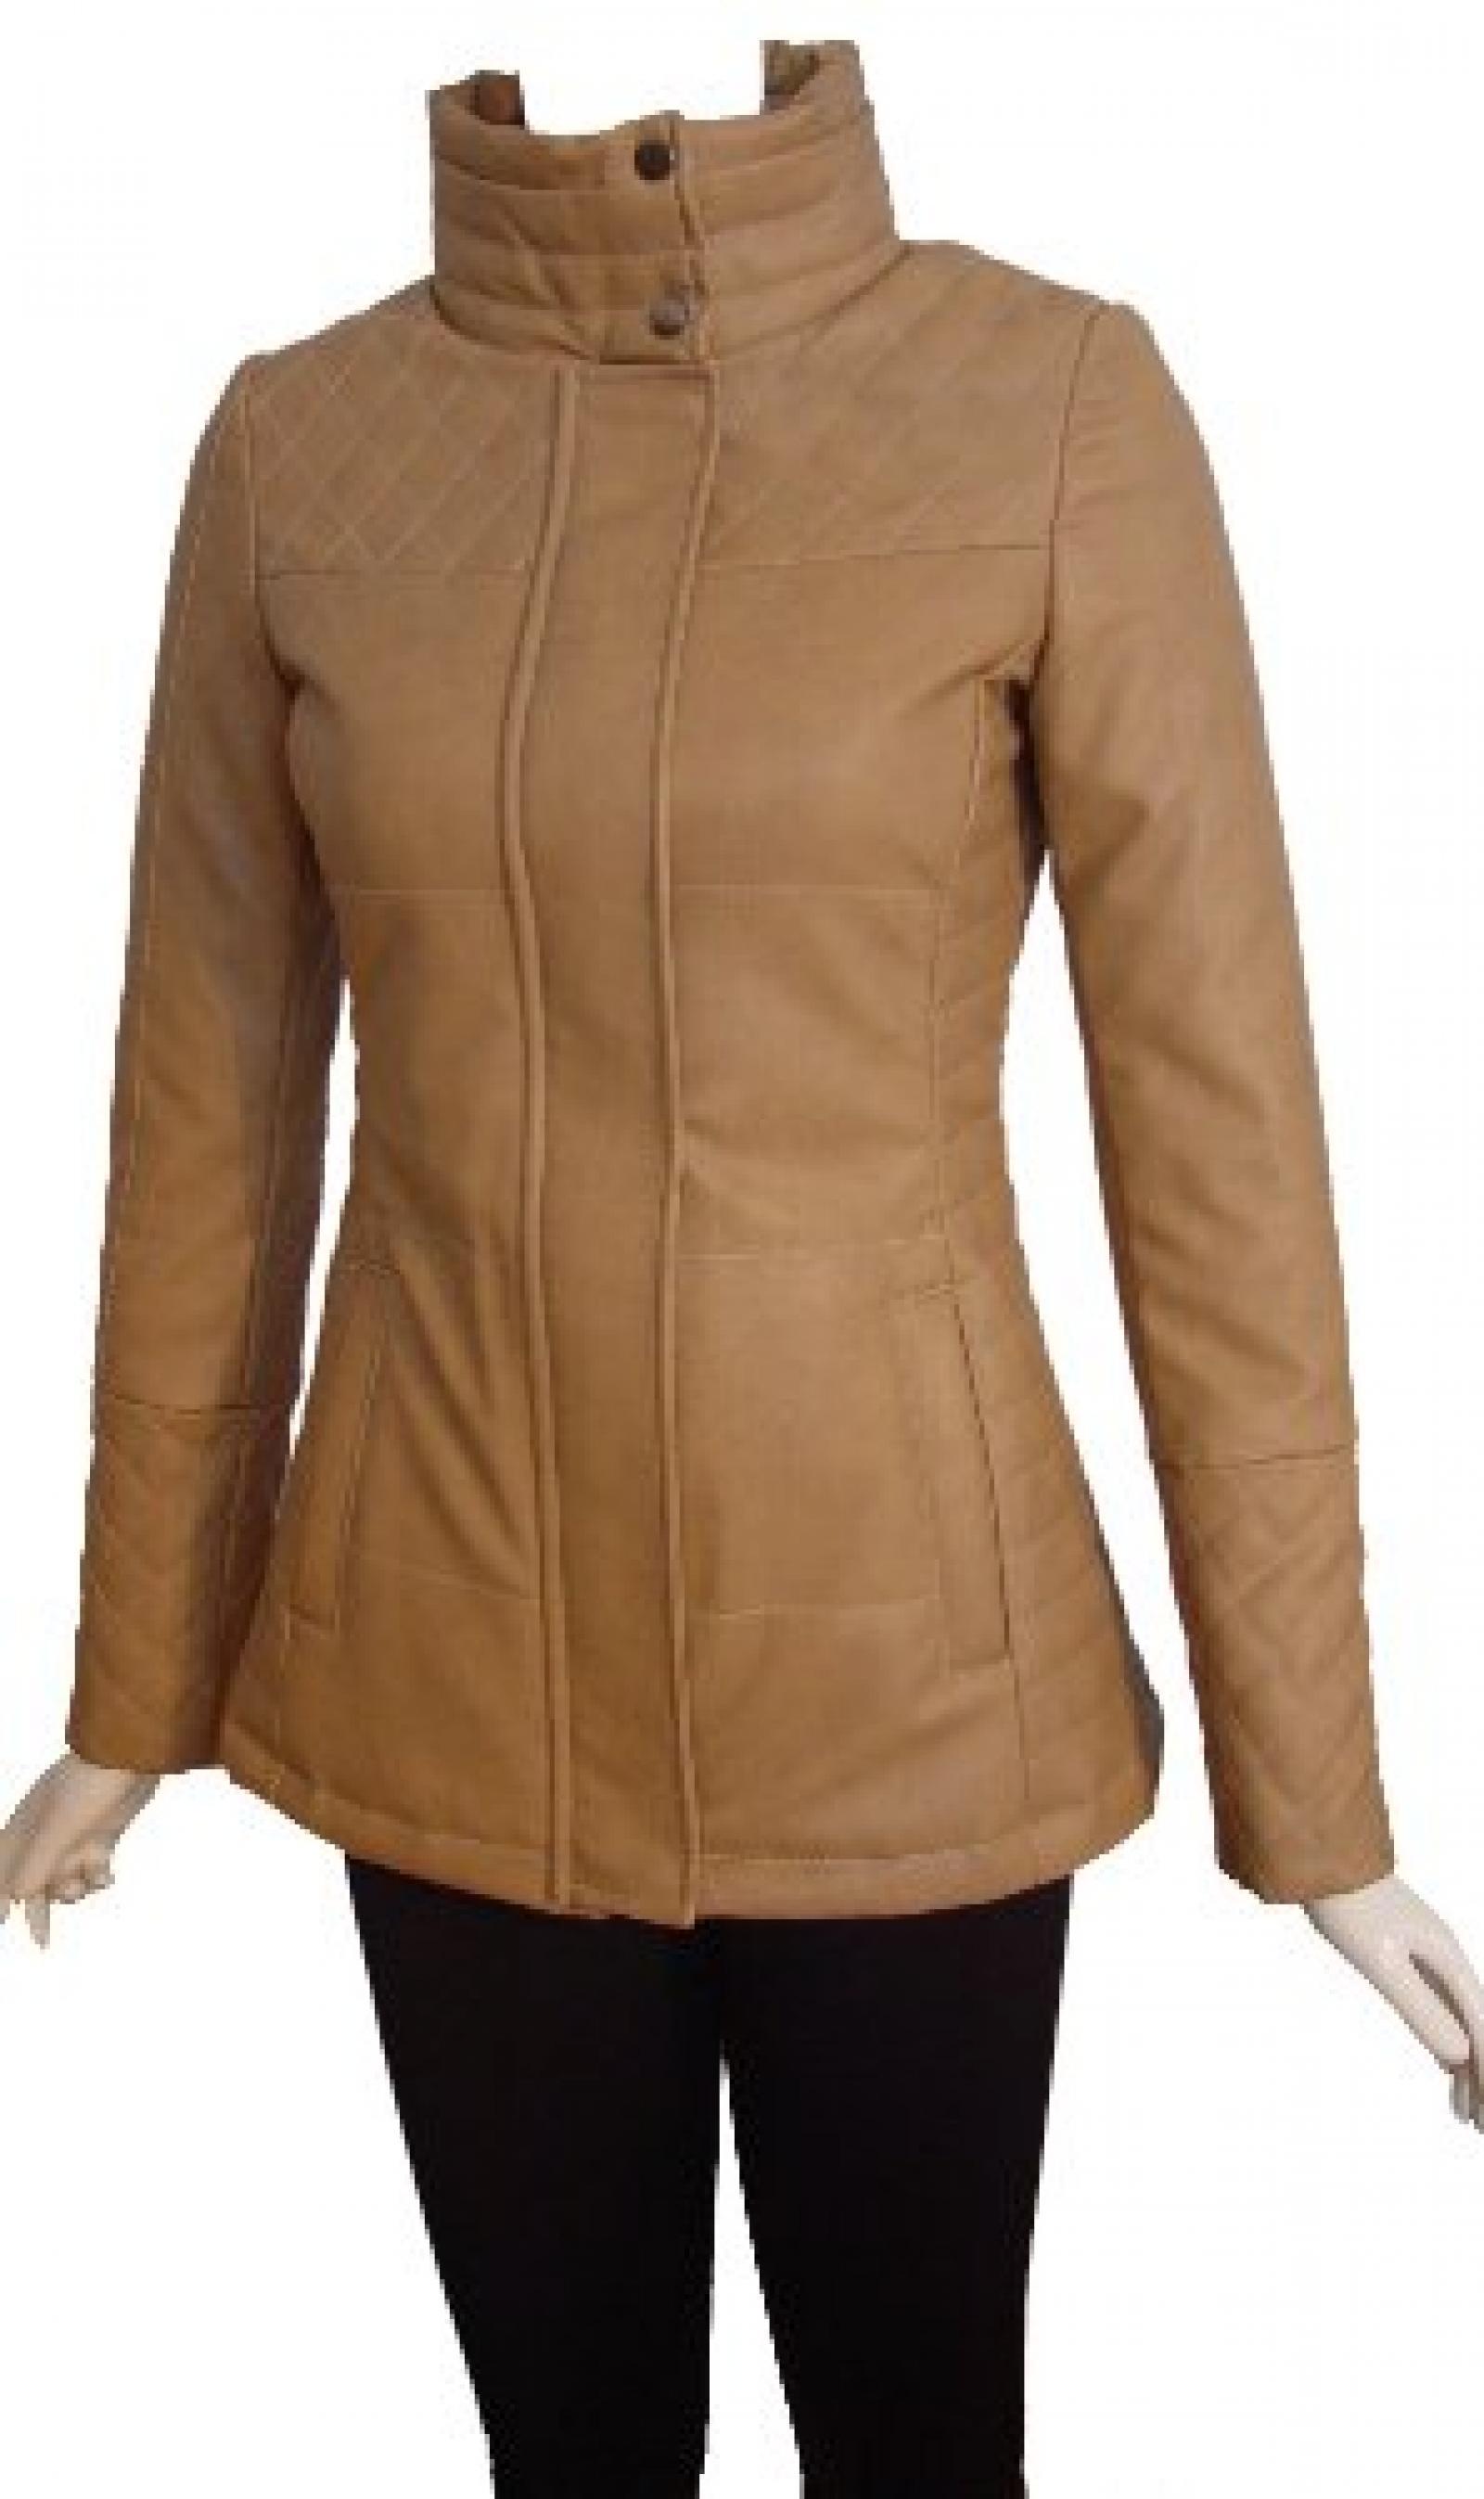 Nettailor Women PETITE SZ 4204 Leather Casual Jacket Placket Welt Pocket Quilt